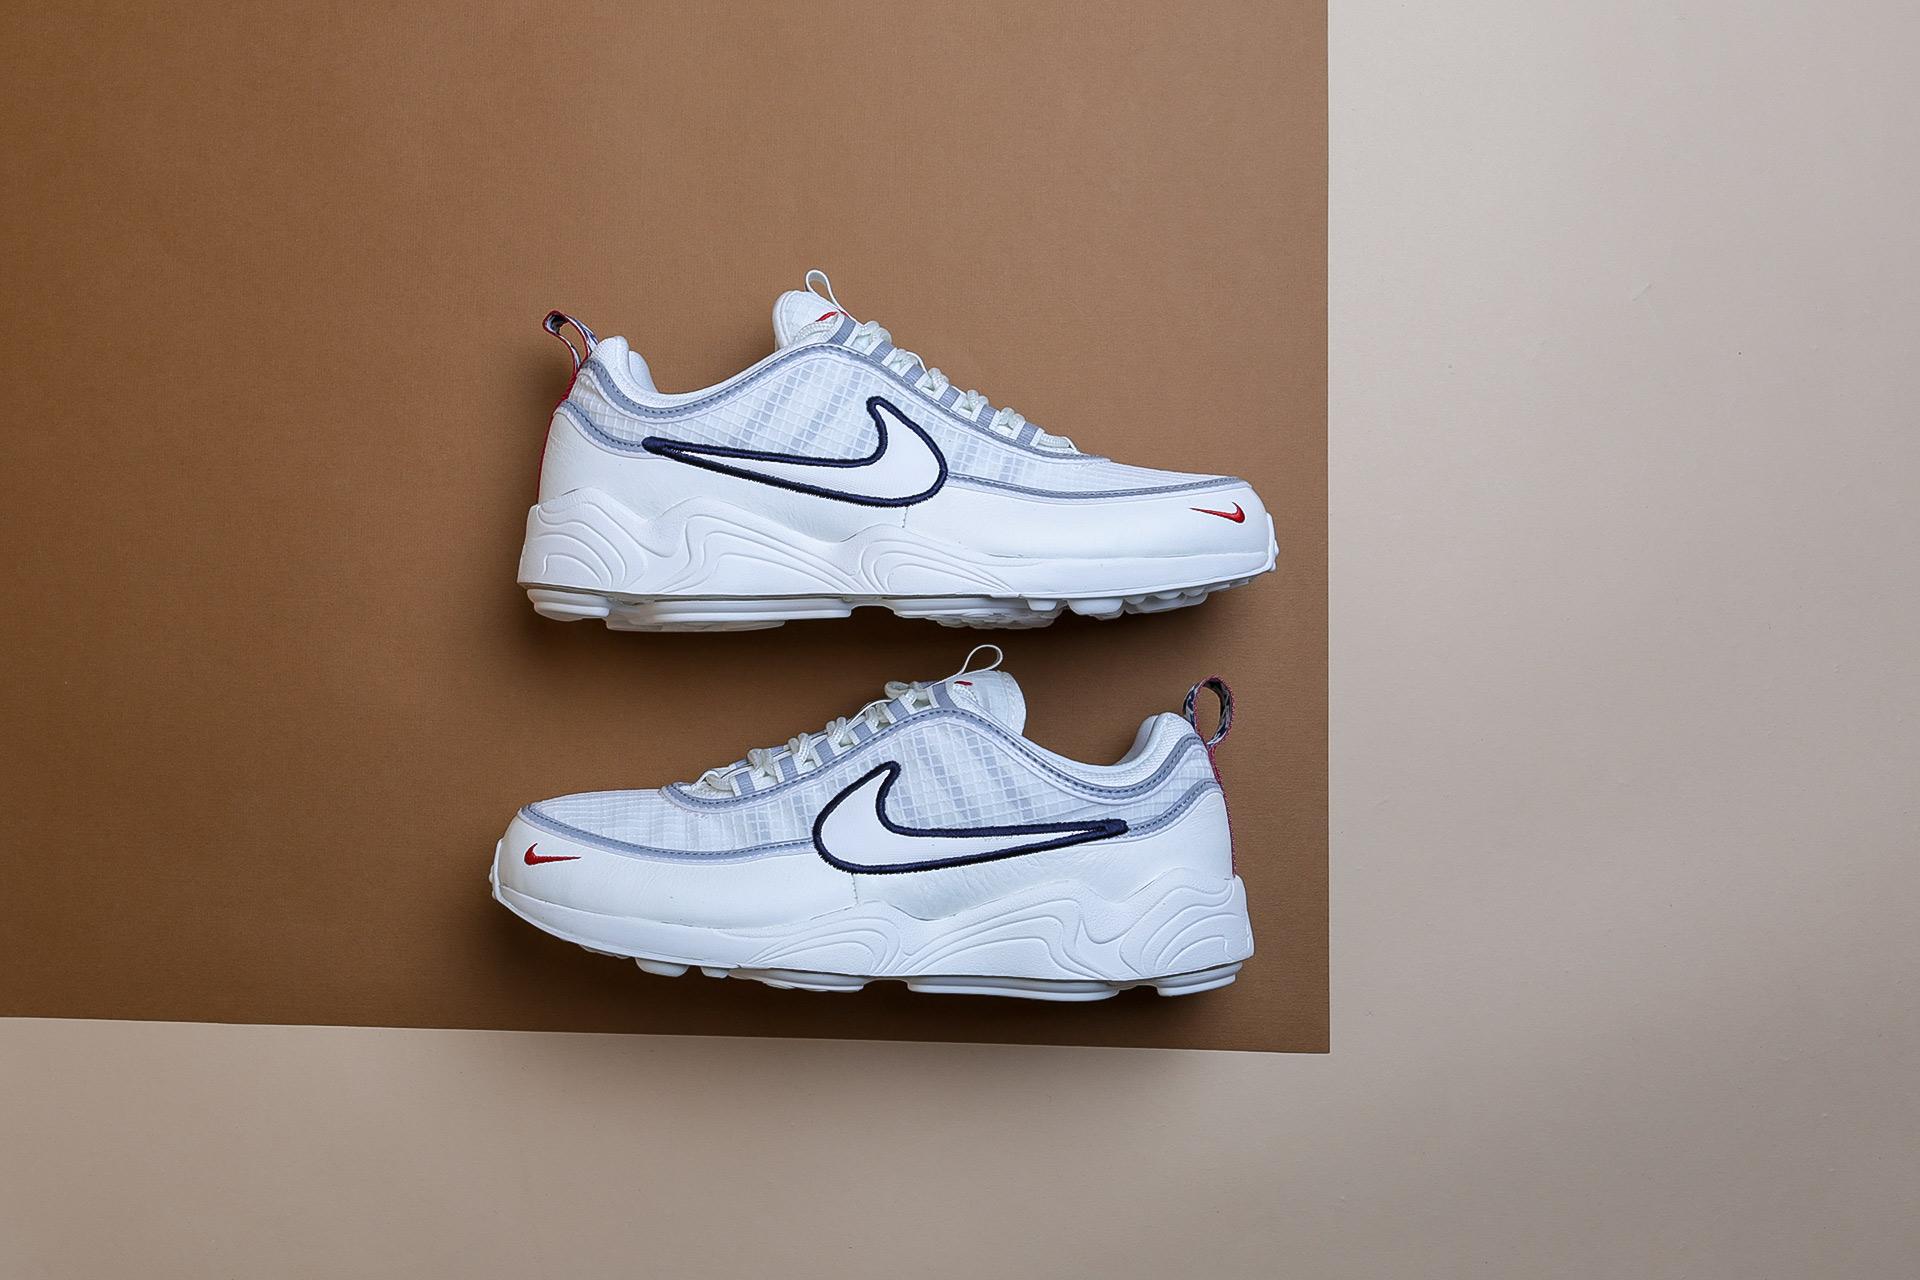 c395208c Купить бежевые мужские кроссовки Air Zoom Spiridon SE от Nike ...